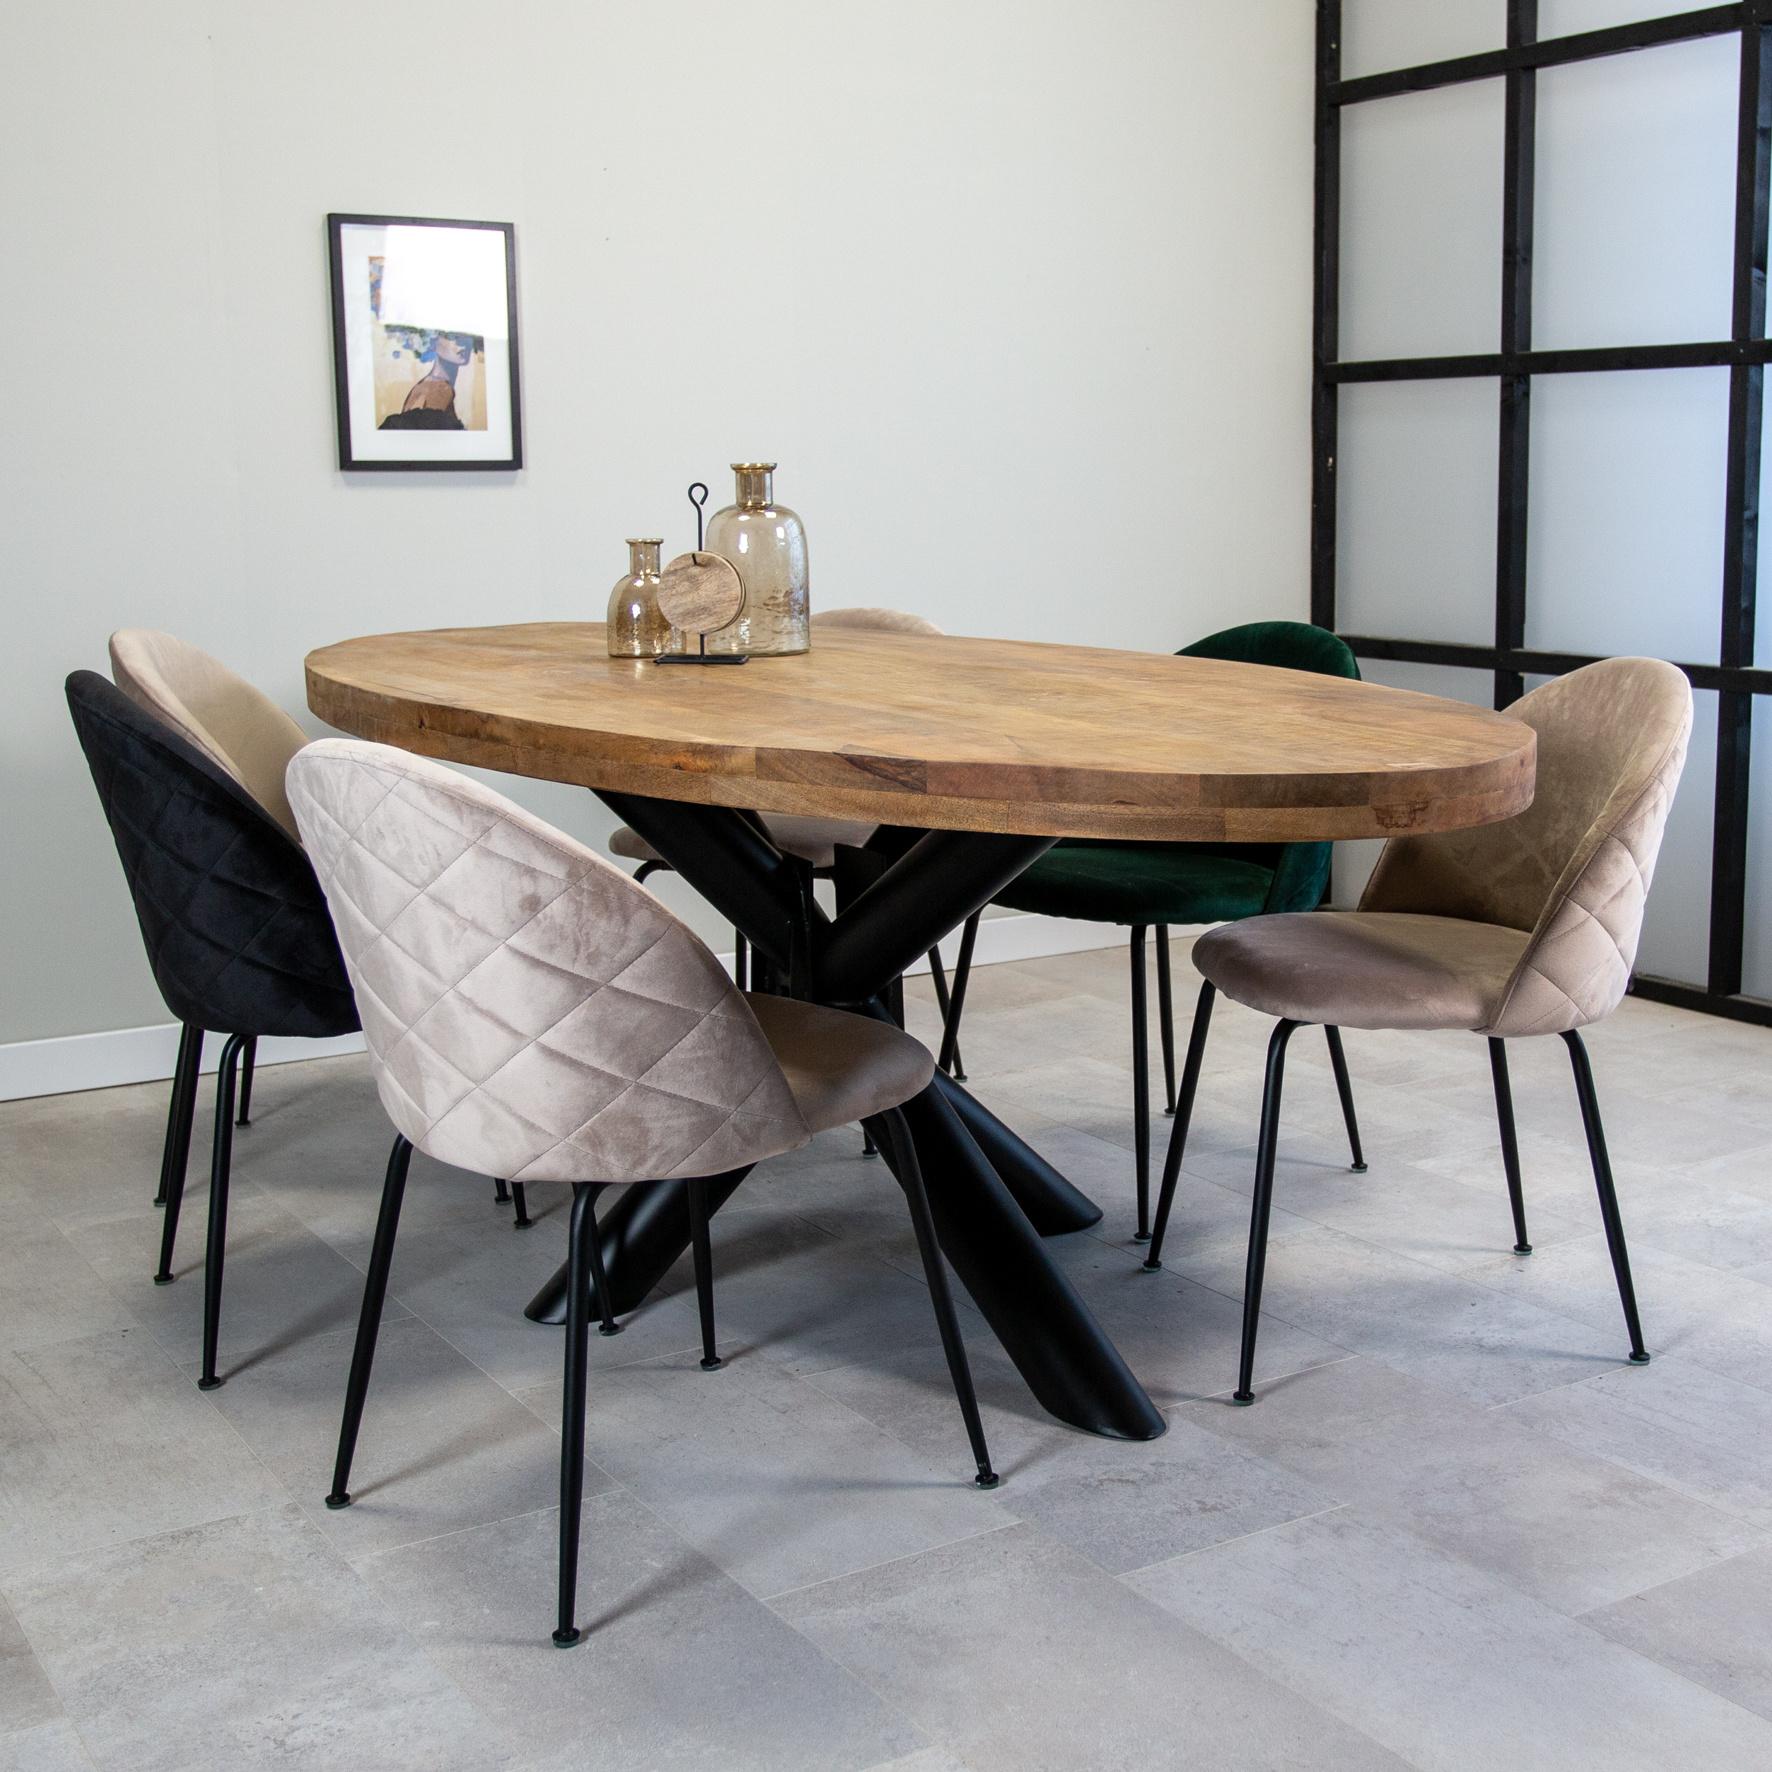 Table A Manger Industrielle Ovale 5x5 cm I Livraison gratuite